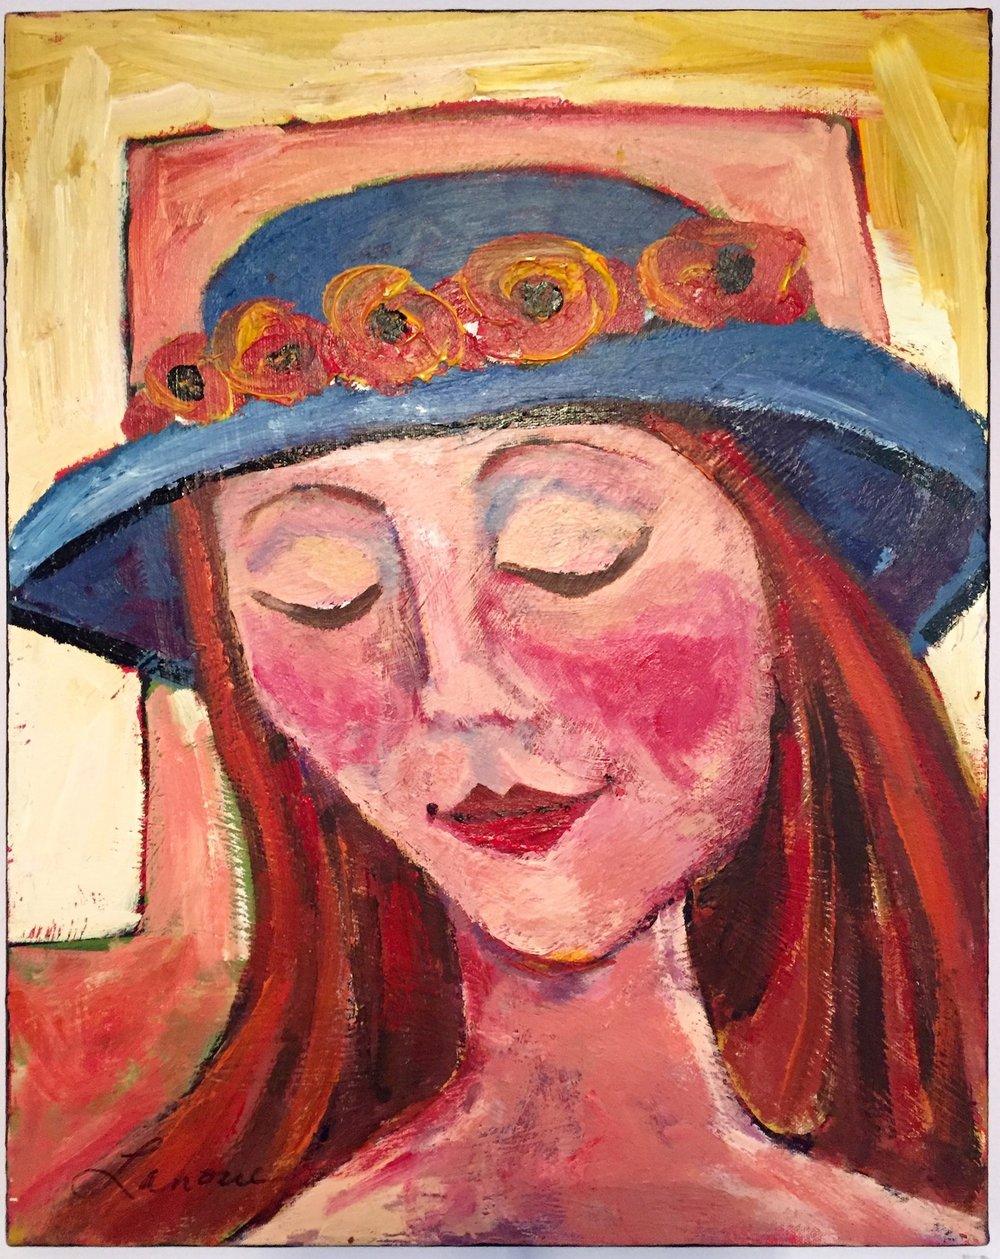 girl-in-blue-hat-painting.jpg